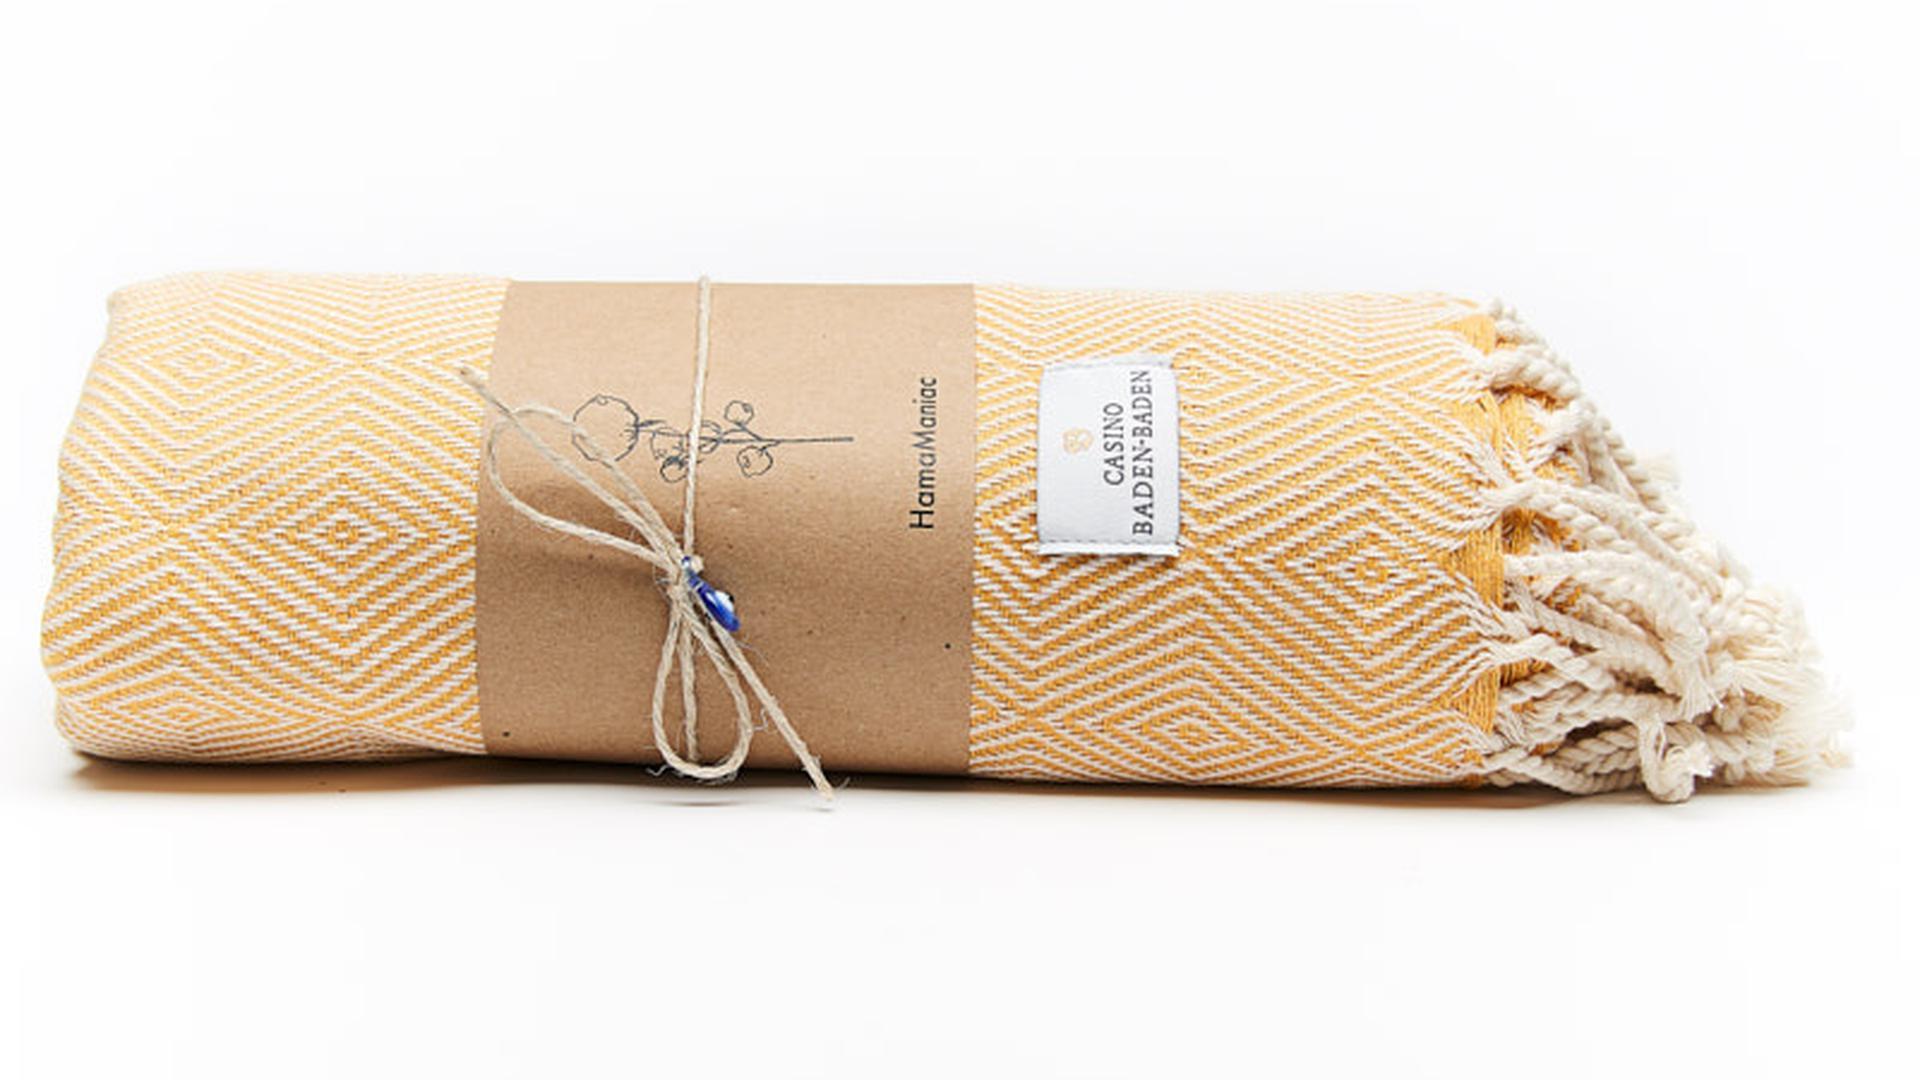 Edles Tuch: Das Hammantowel stammt aus einer kleinen türkischen Manufaktur.